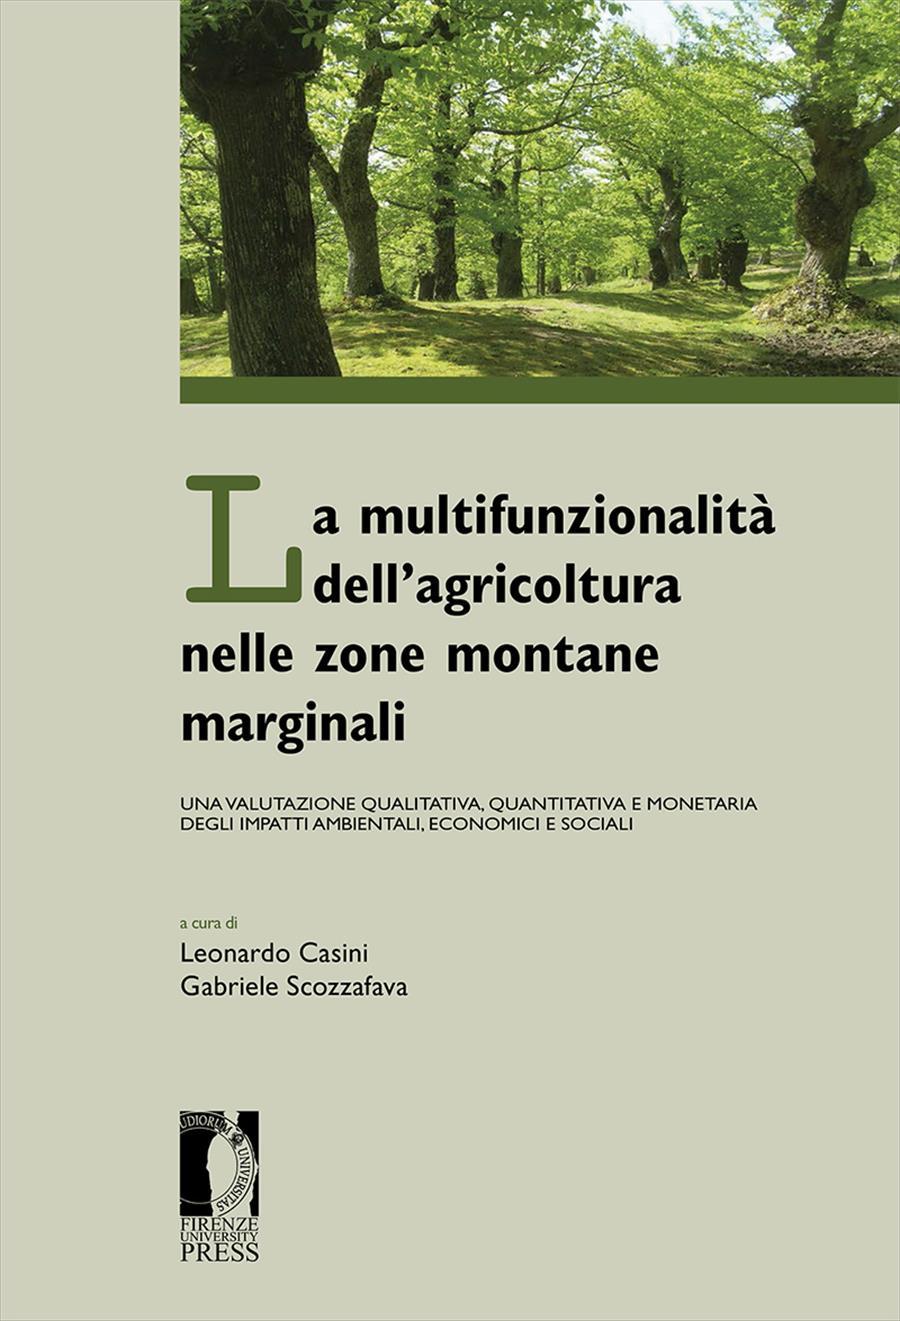 La multifunzionalità dell'agricoltura nelle zone montane marginali